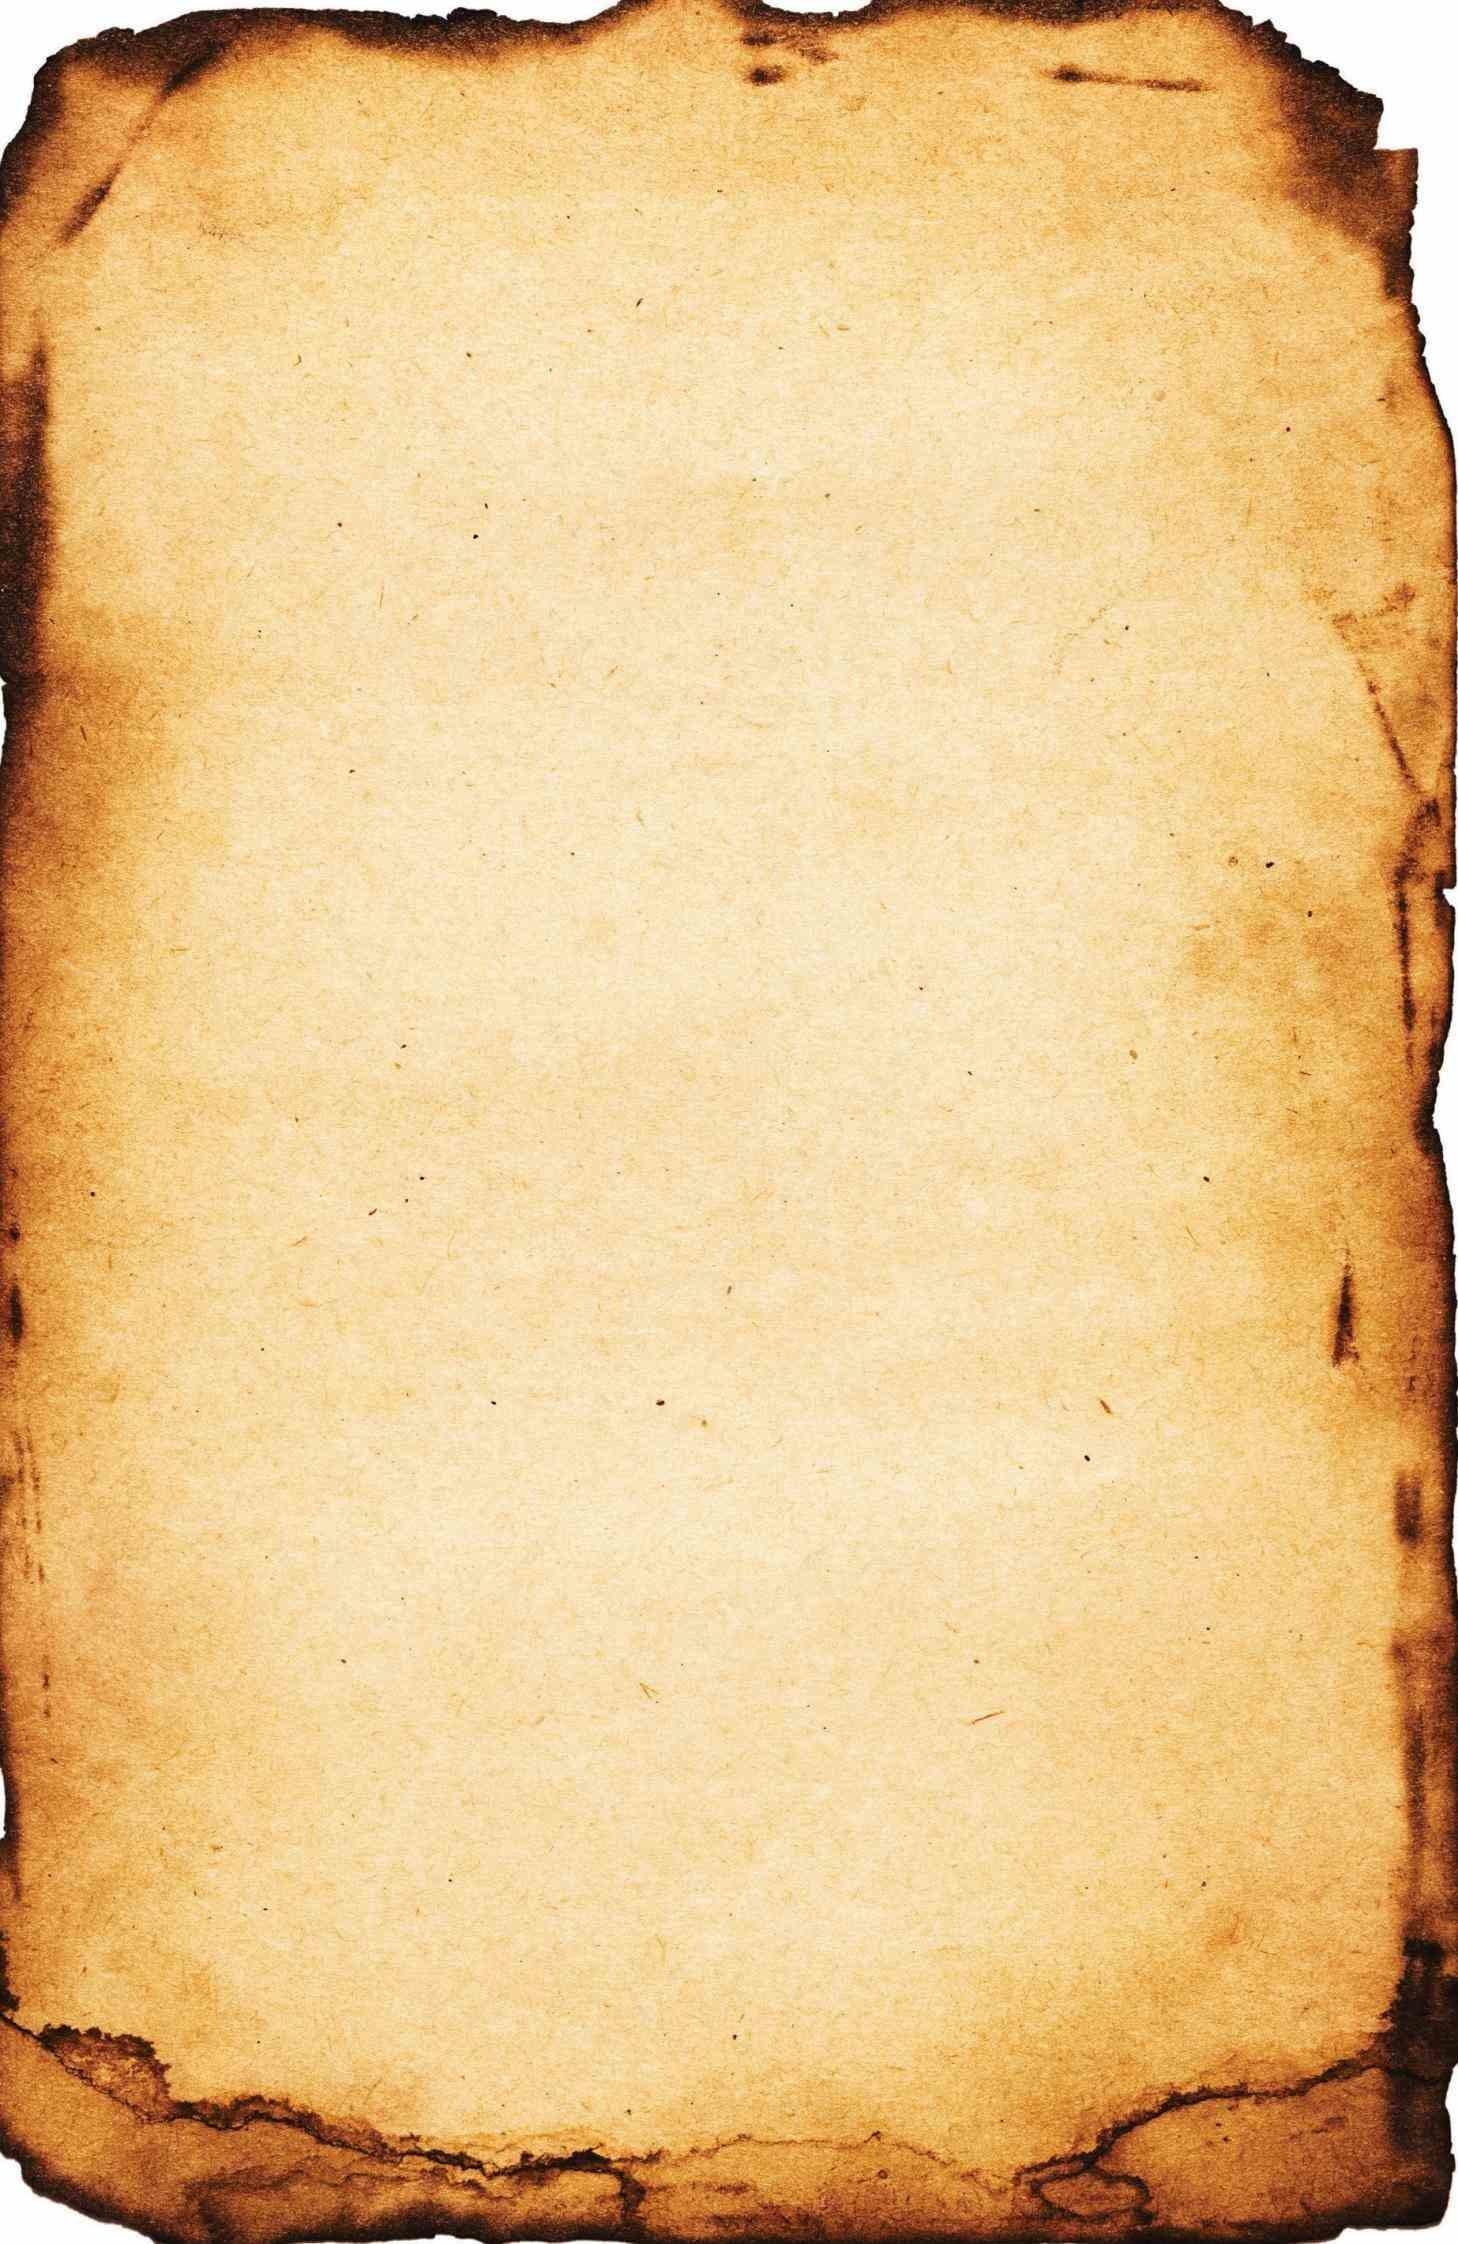 Download Wallpaper Harry Potter Letter - 113263  Image_266869.jpg